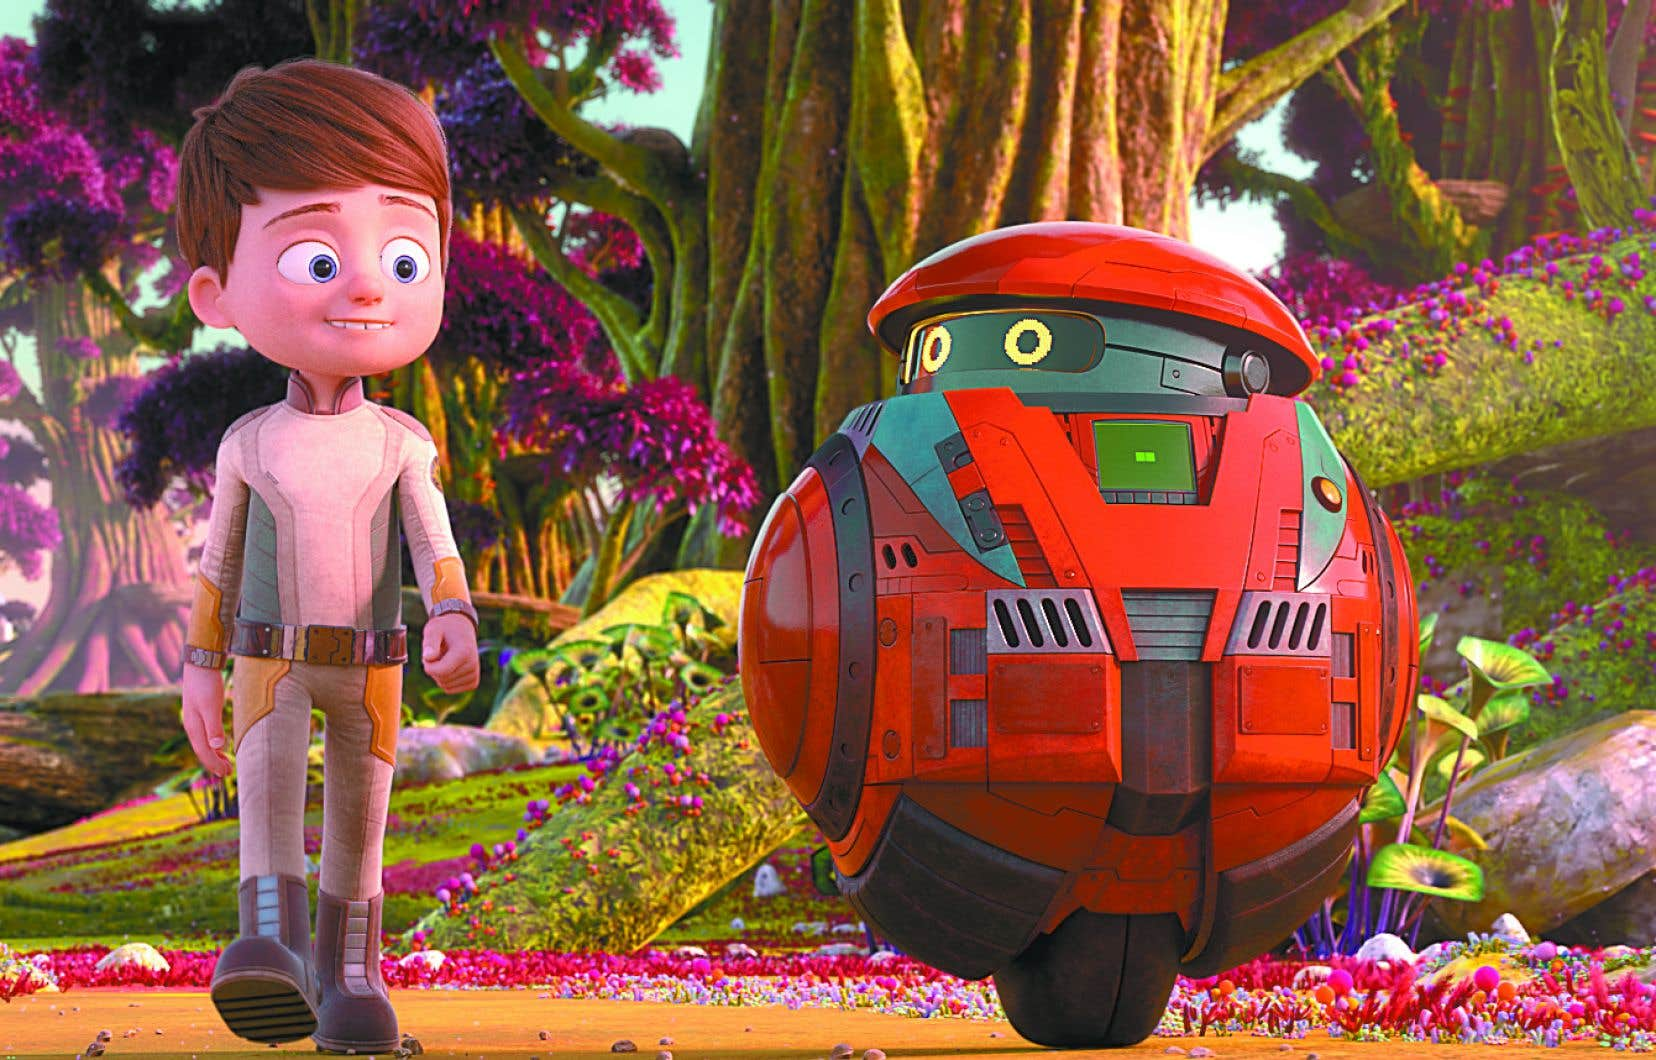 Willy se retrouve naufragé sur une planète inconnue en compagnie de Buck, un robot chargé de le protéger.